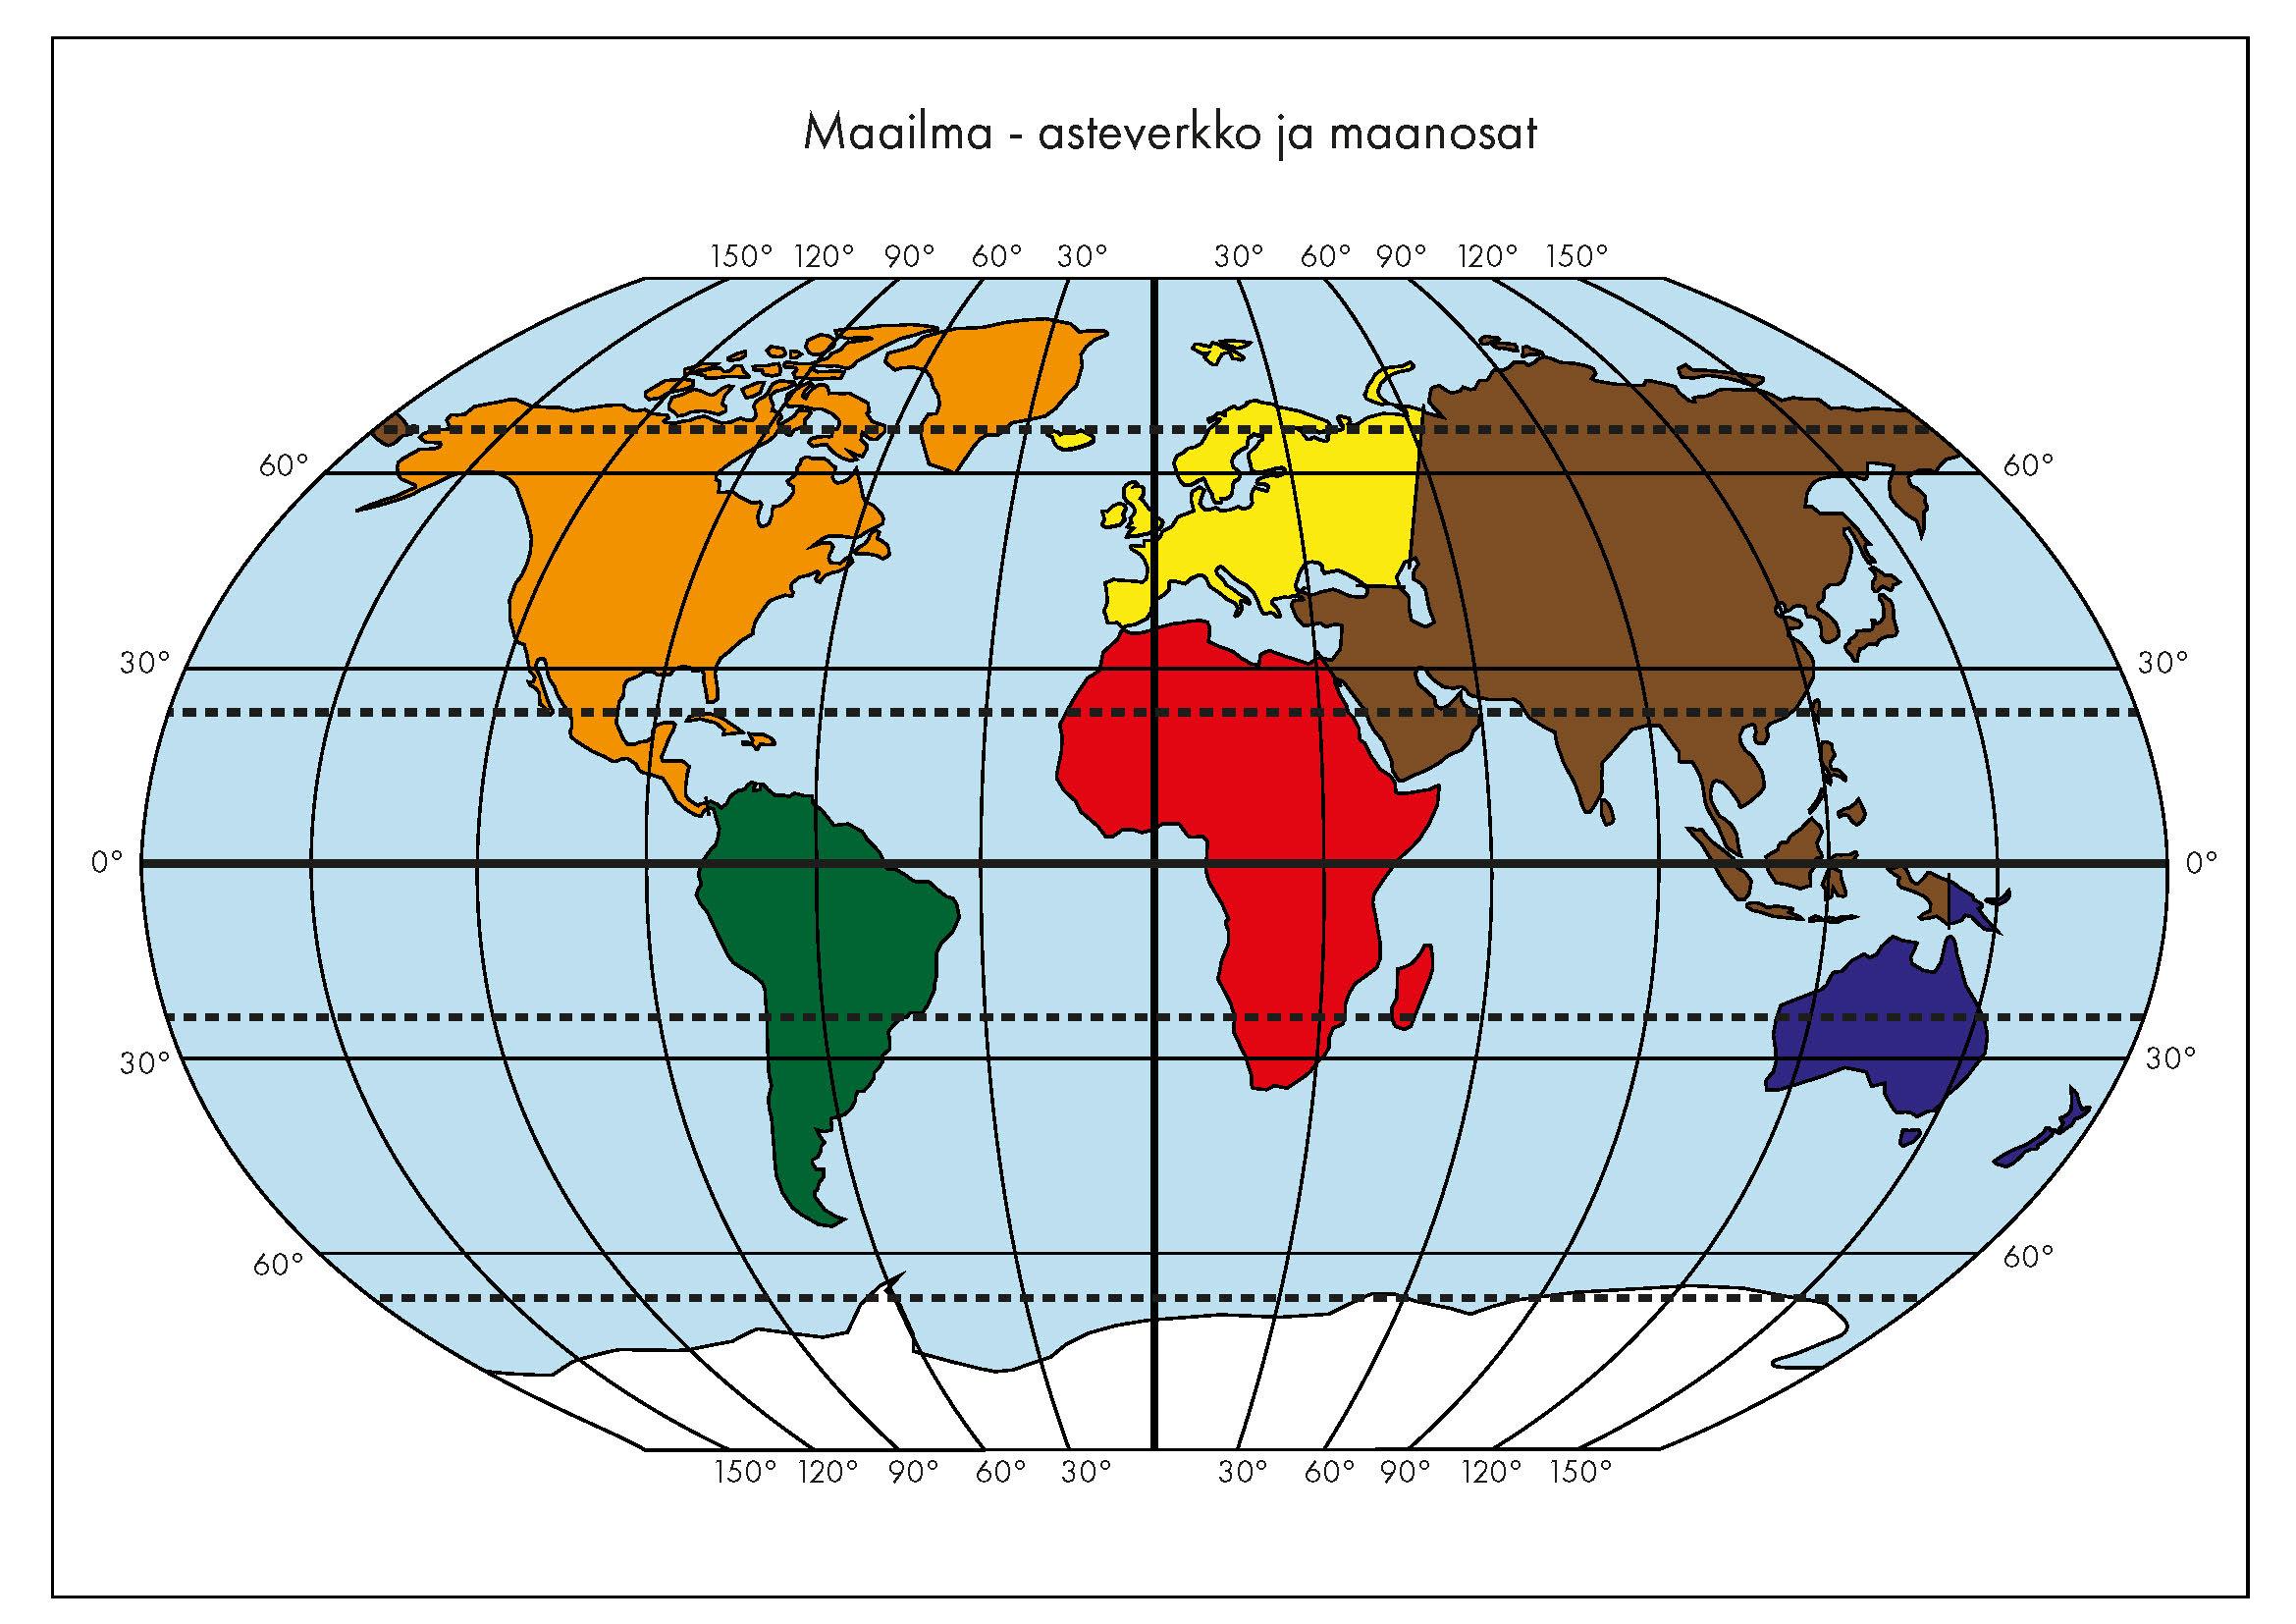 Maailma-asteverkko-maanosat